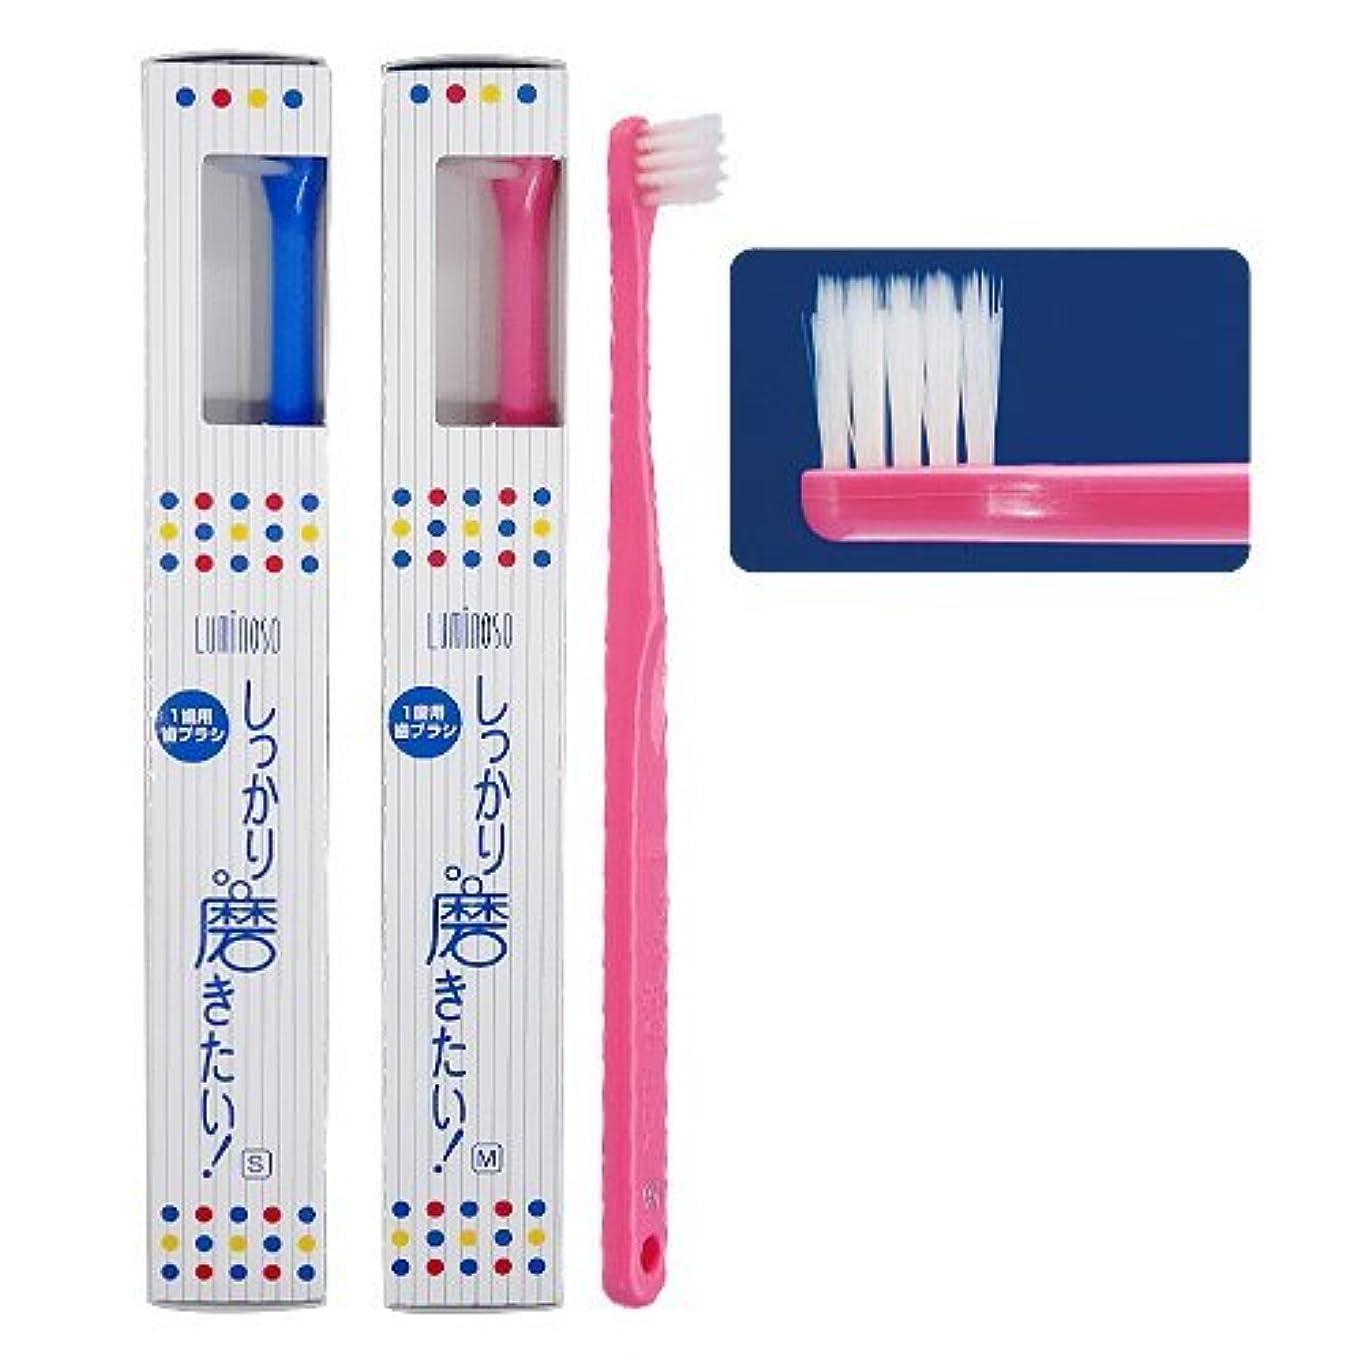 フィット隔離表面ルミノソ 1歯用歯ブラシ「しっかり磨きたい!」スタンダード ソフト (カラー指定不可) 5本